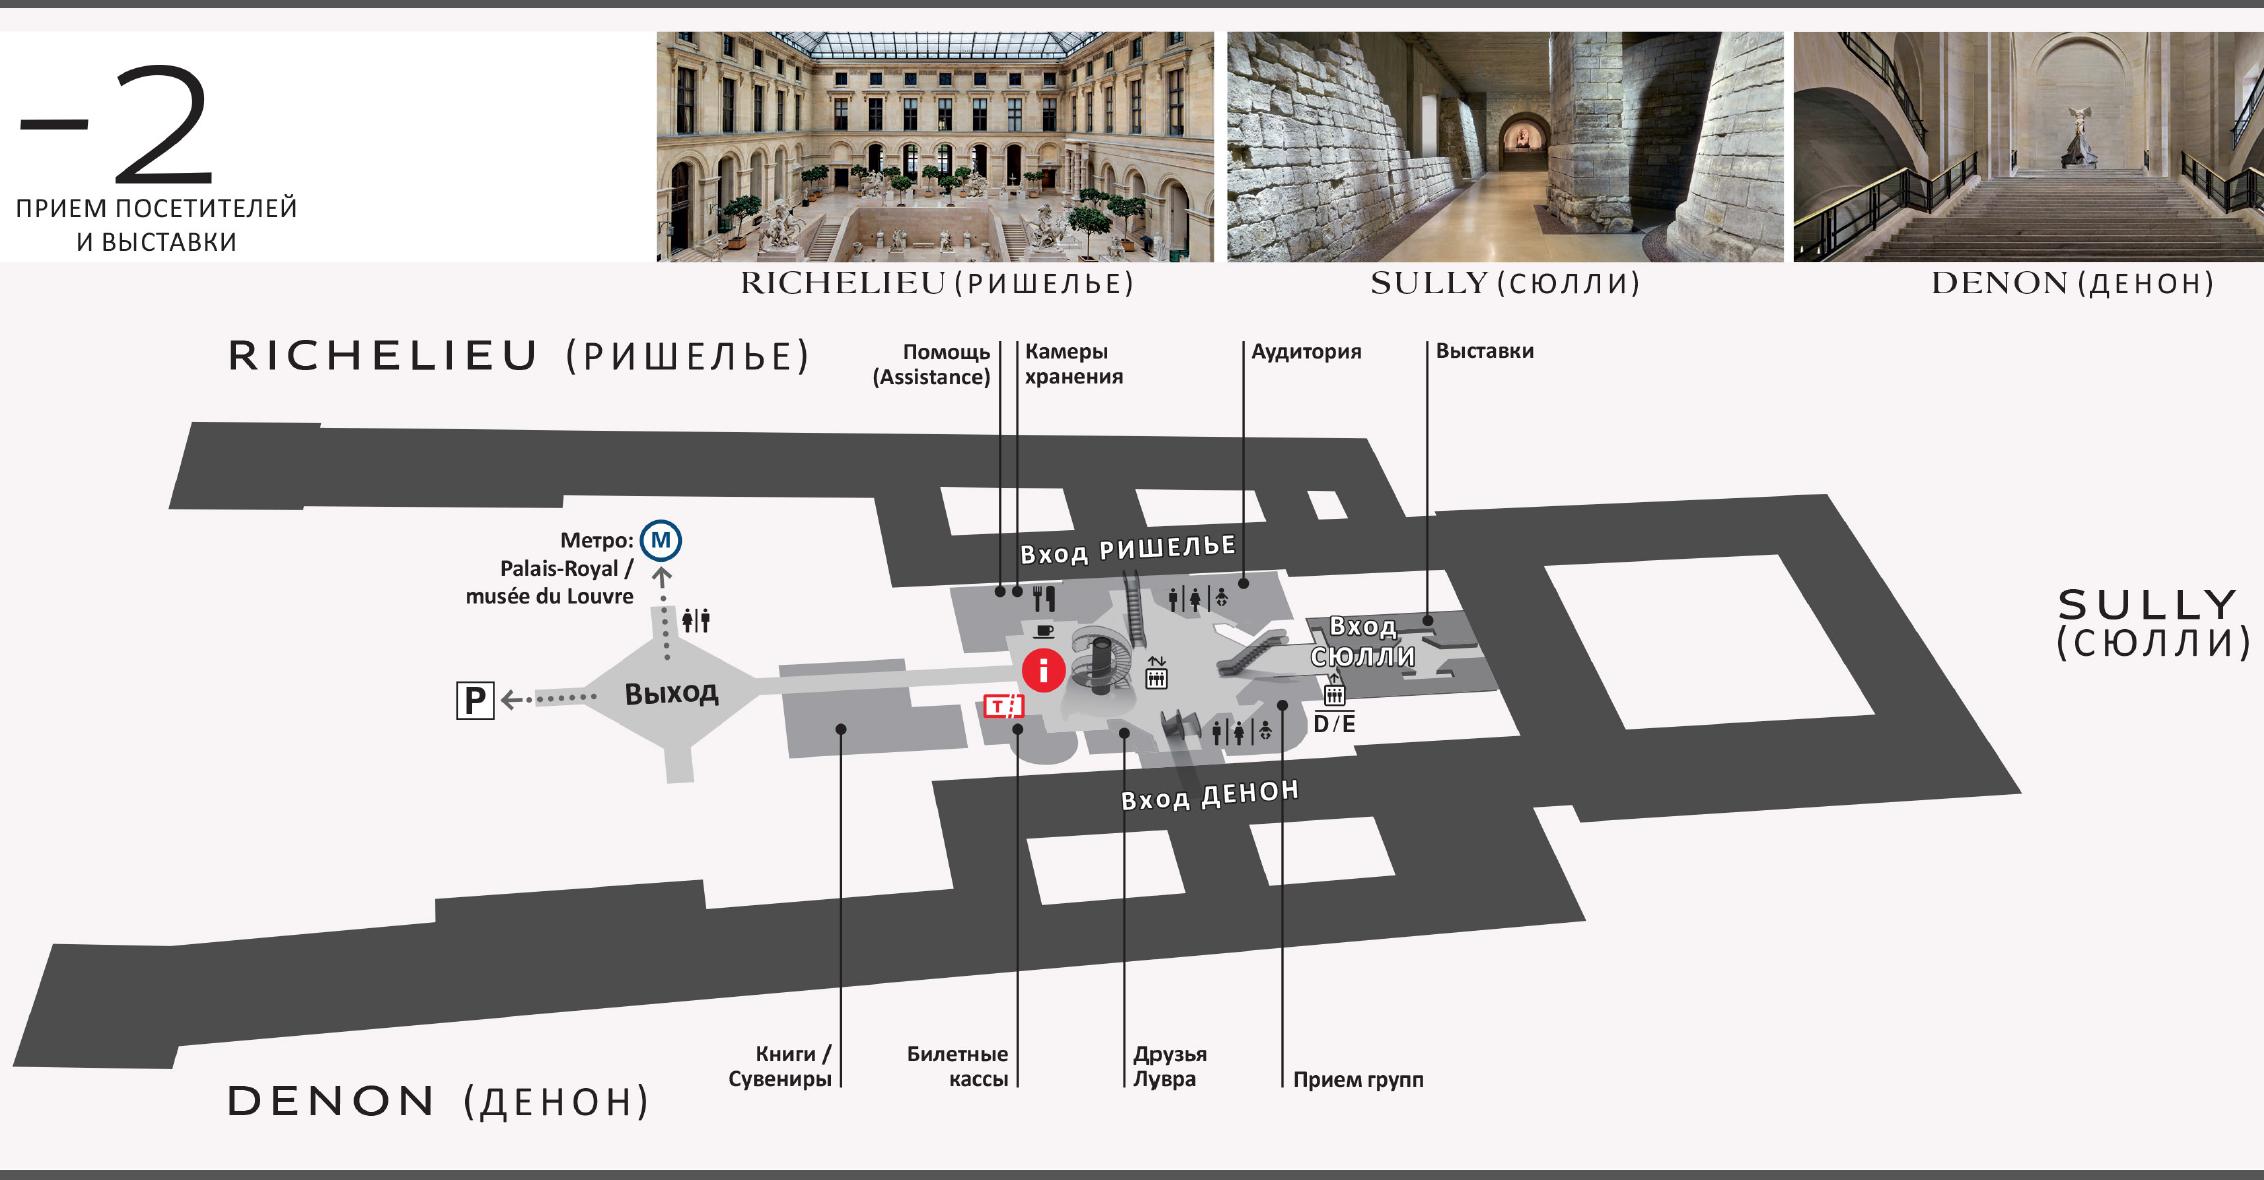 Полный план -2 этажа в Лувре